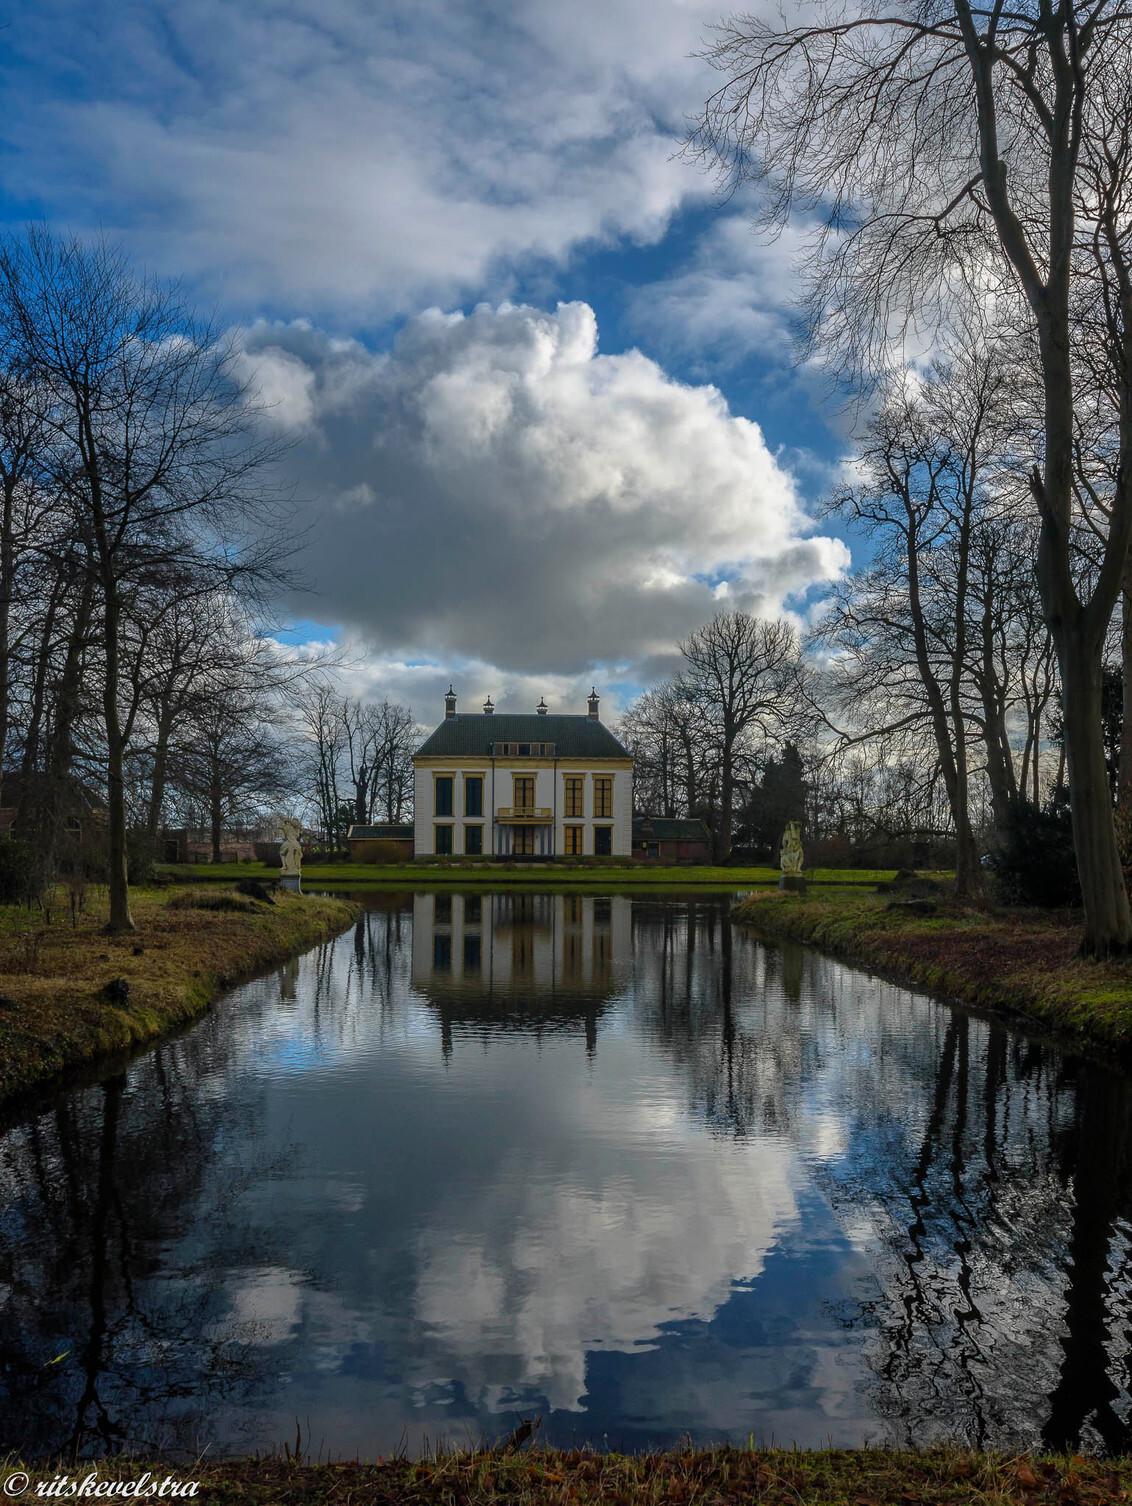 Nijenburg in een blauwe lucht - Nijenburg in een blauwe lucht. foto van tijdje terug - foto door rits op 05-03-2021 - deze foto bevat: wolken, natuurmonumenten, heiloo, nijenburg, blauwe lucht